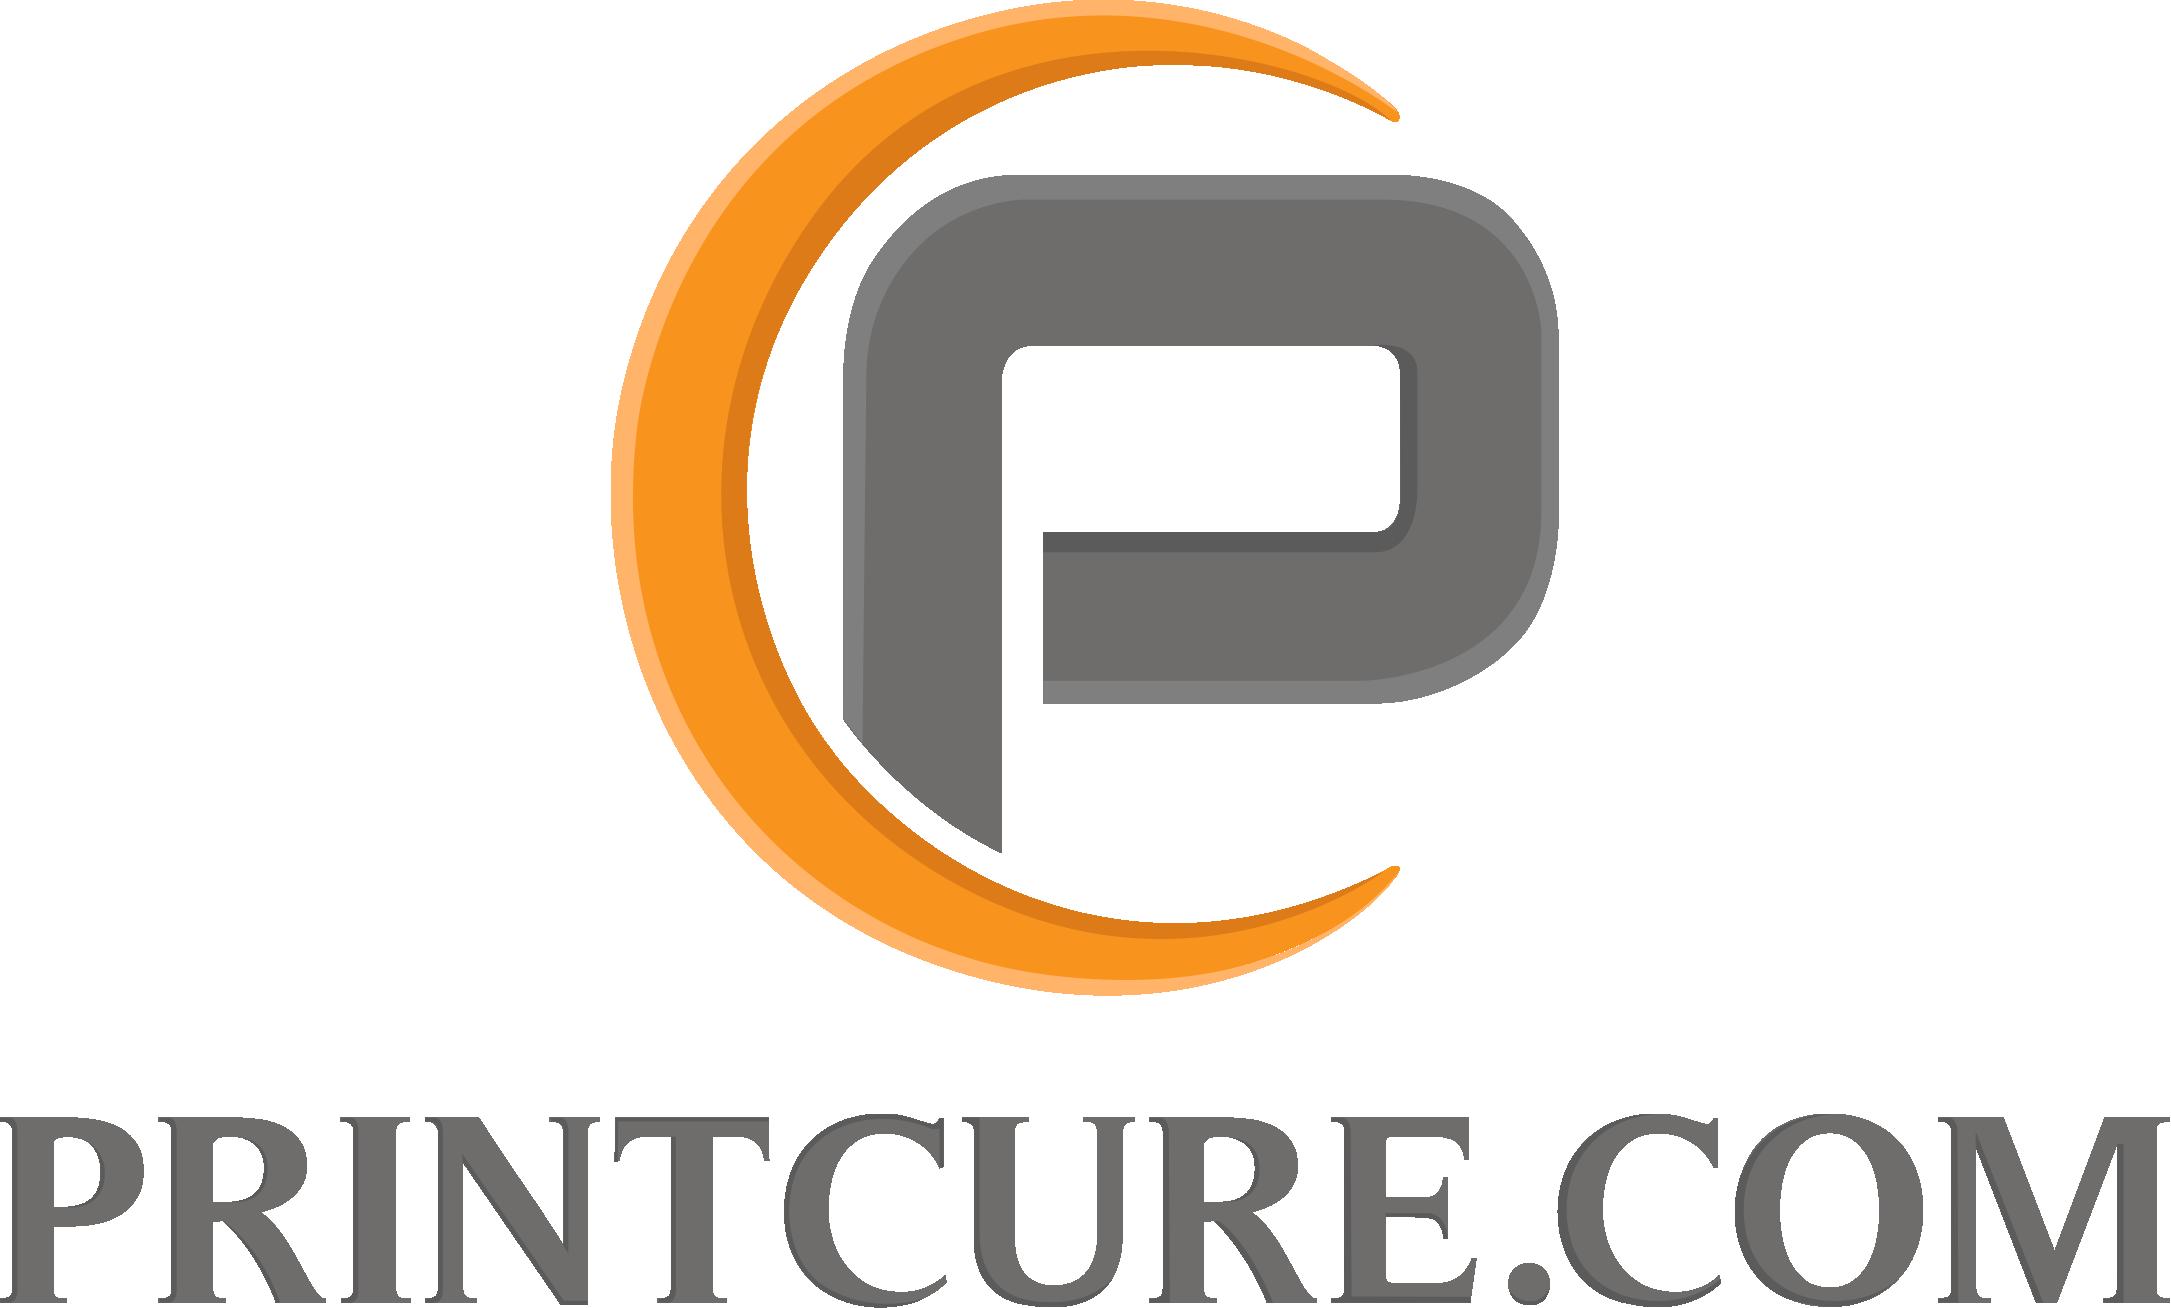 Printcure logo